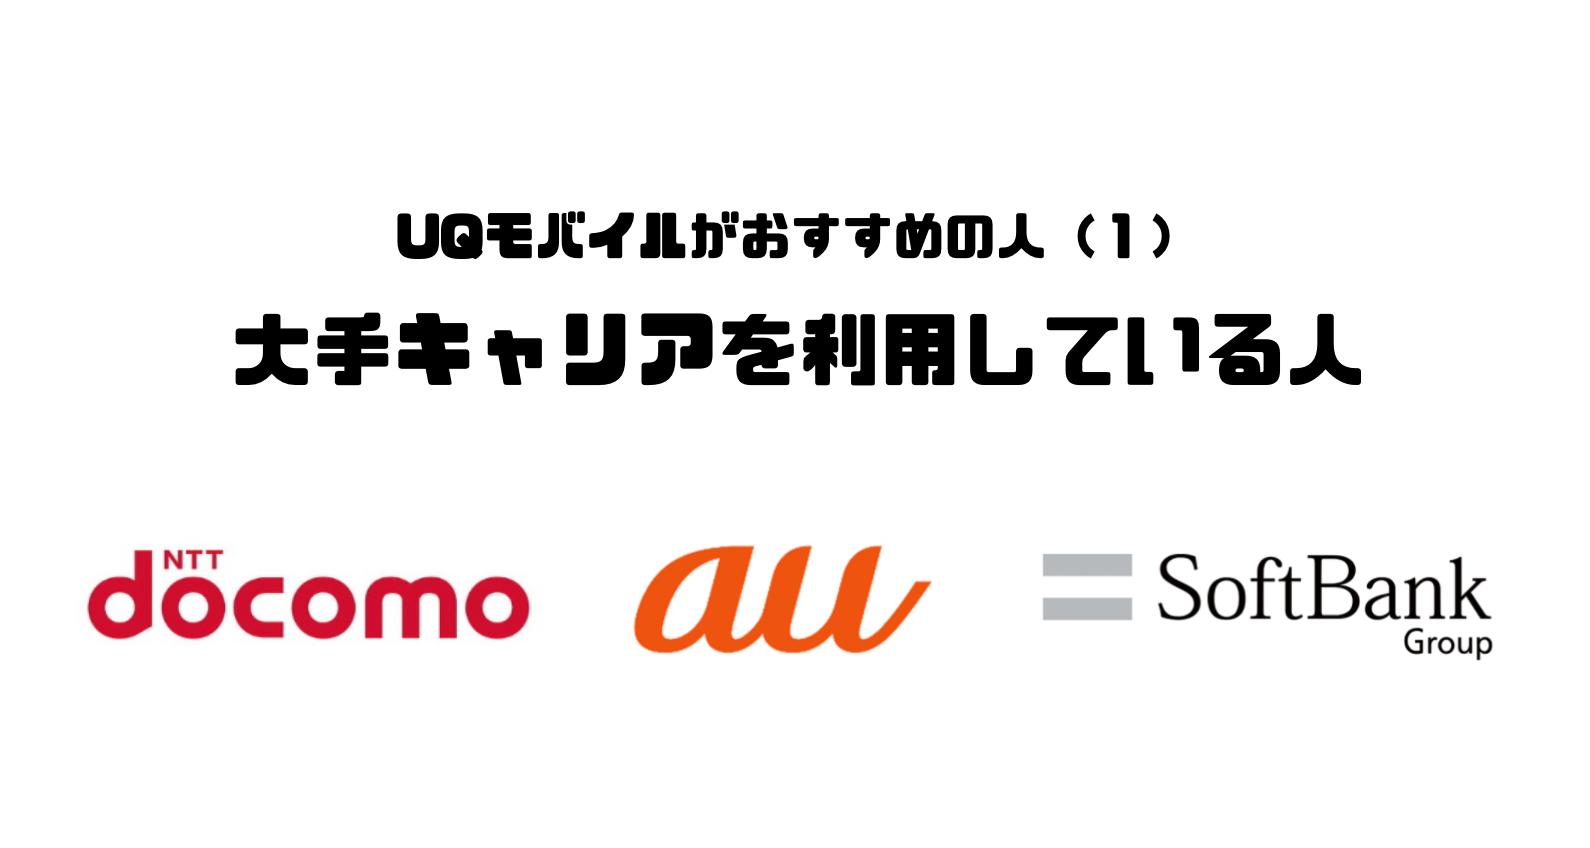 UQモバイル_口コミ_評判_おすすめ_大手キャリア_利用_au_docomo_ドコモ_SoftBank_ソフトバンク